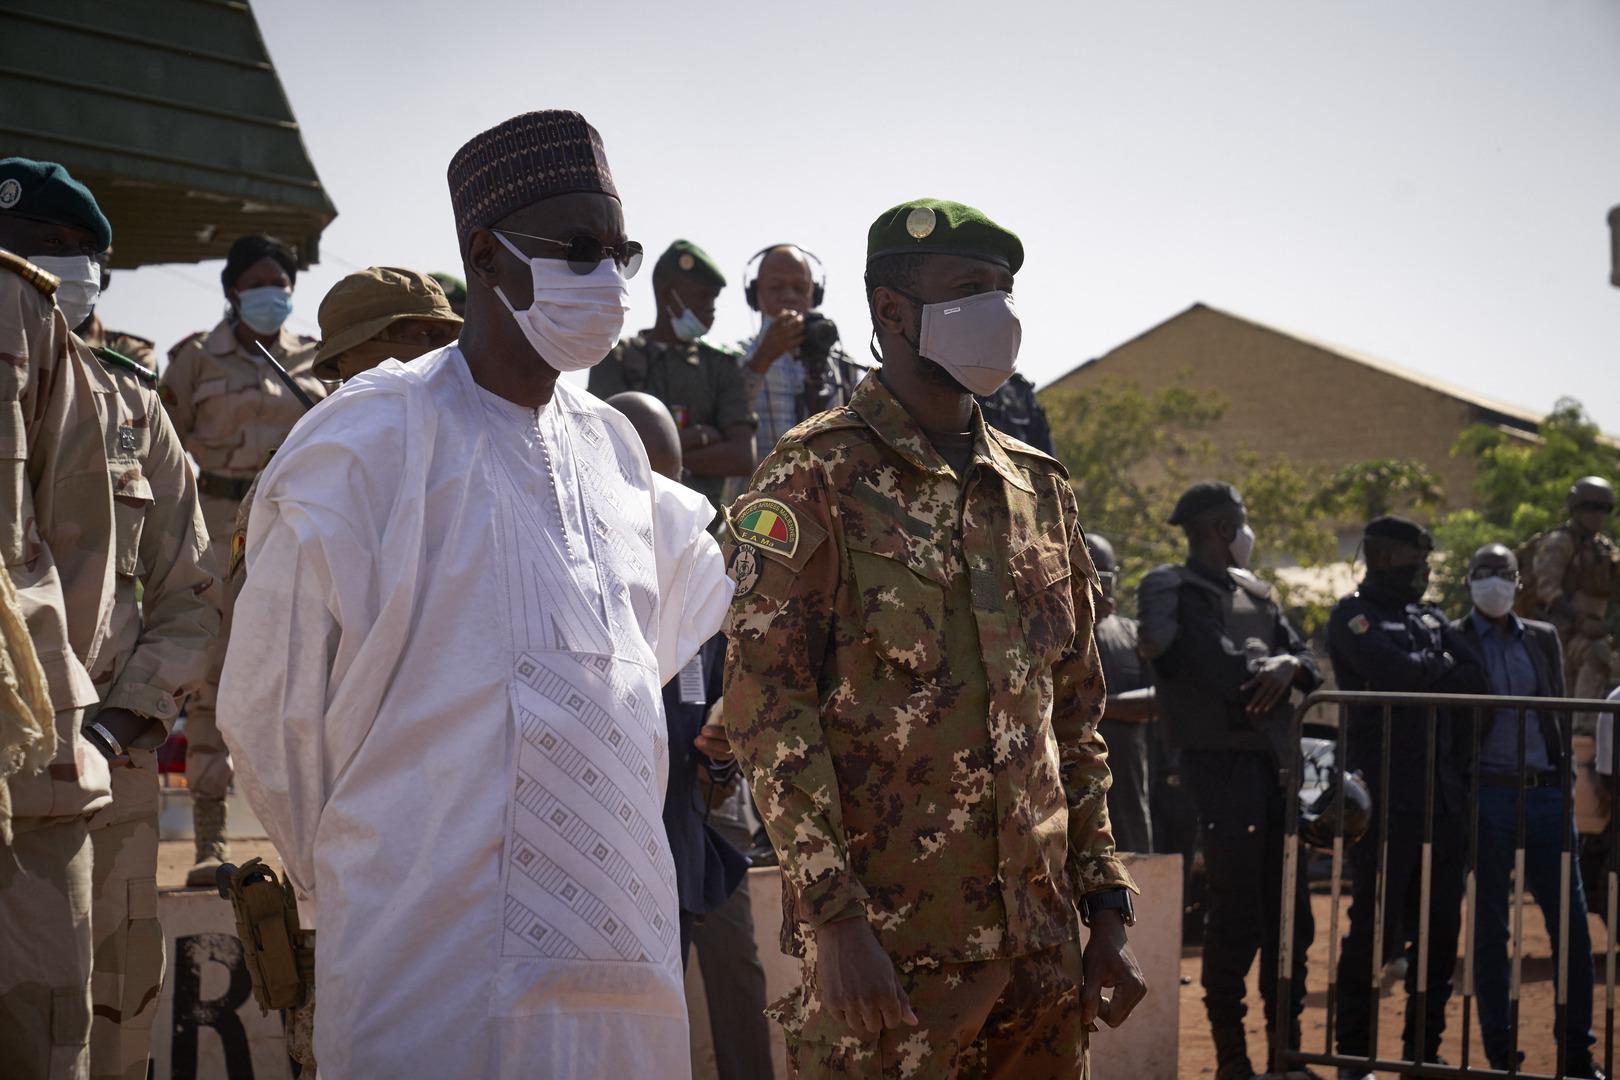 مالي.. العسكريون يعتقلون الرئيس نداو ورئيس الوزراء ووزير الدفاع